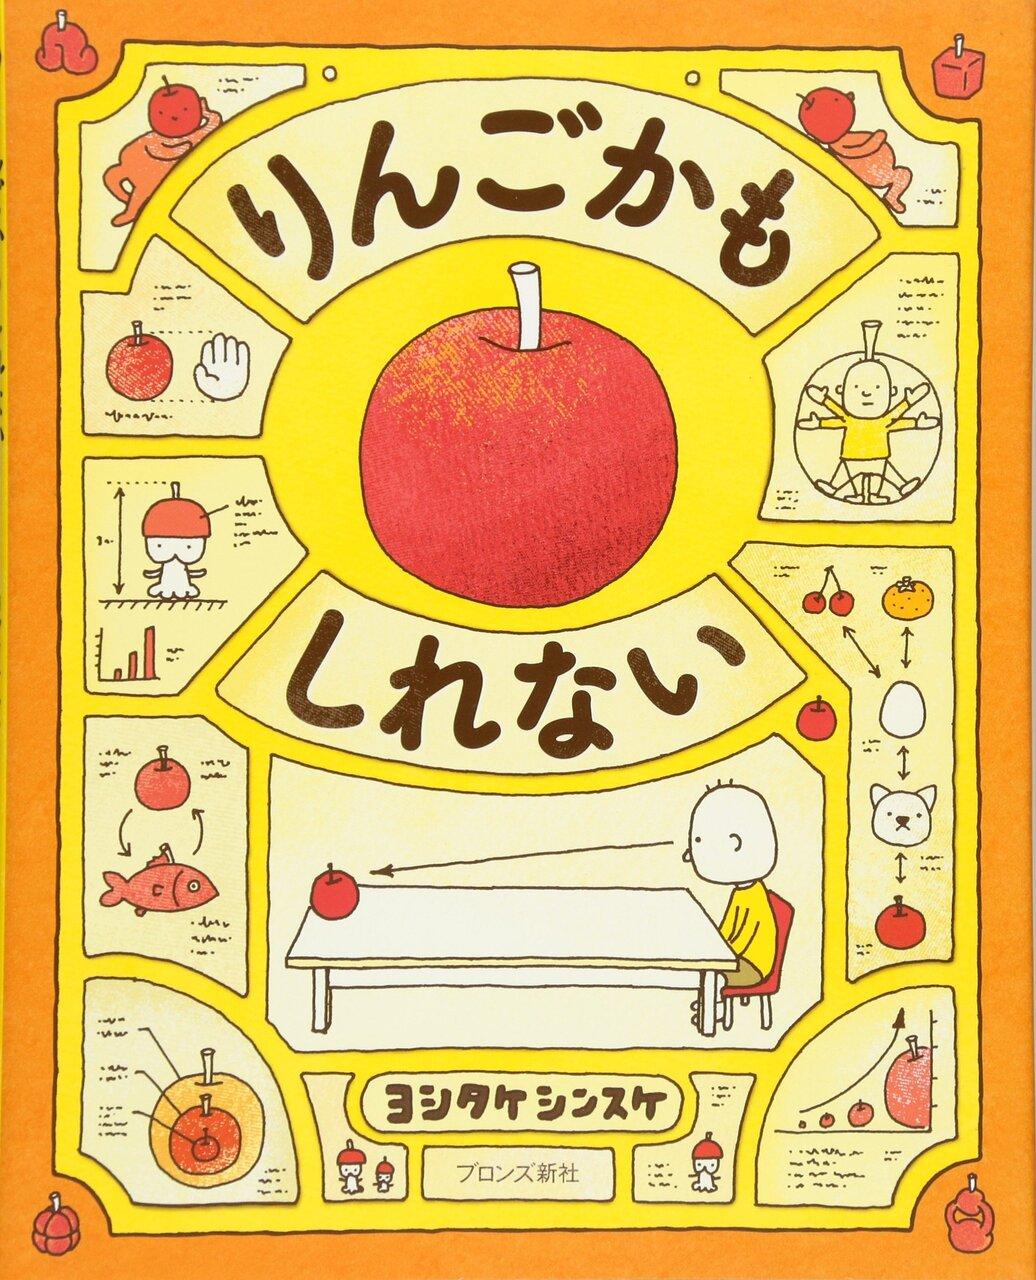 土屋さんおすすめの絵本『りんごかもしれない』(作:ヨシタケシンスケ/ブロンズ新社)。ひとつのりんごをめぐり、主人公「ぼく」の妄想がどんどん広がっていく。発想力で楽しく豊かに過ごすヒントが詰まった一冊だ。